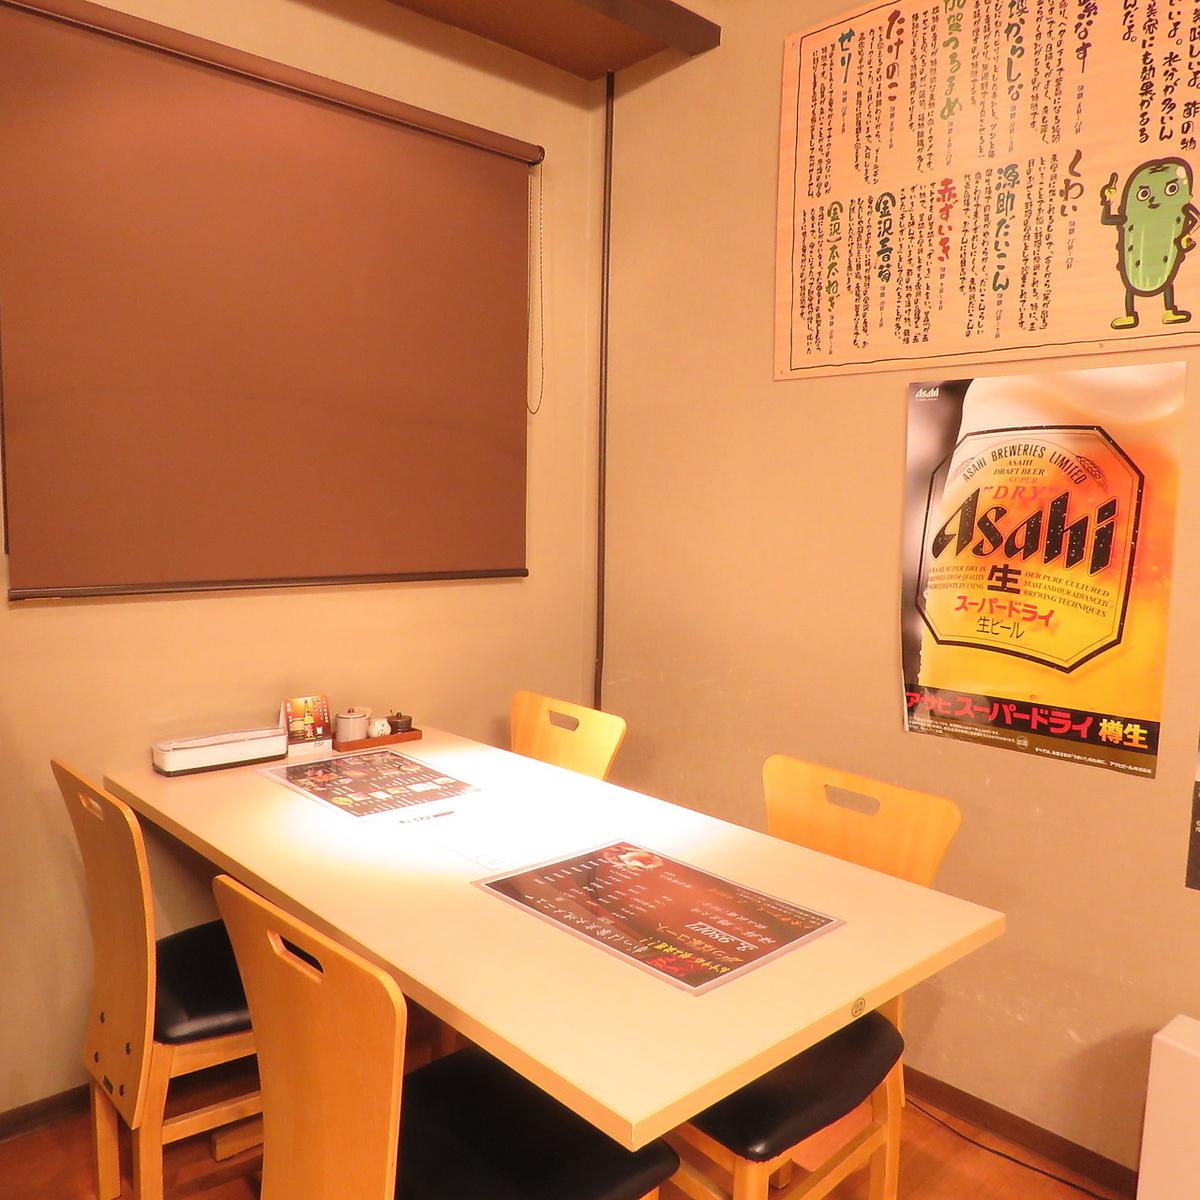 店内奥にある4人掛けテーブル席は半個室風♪周りがあまり気にならないお席です。